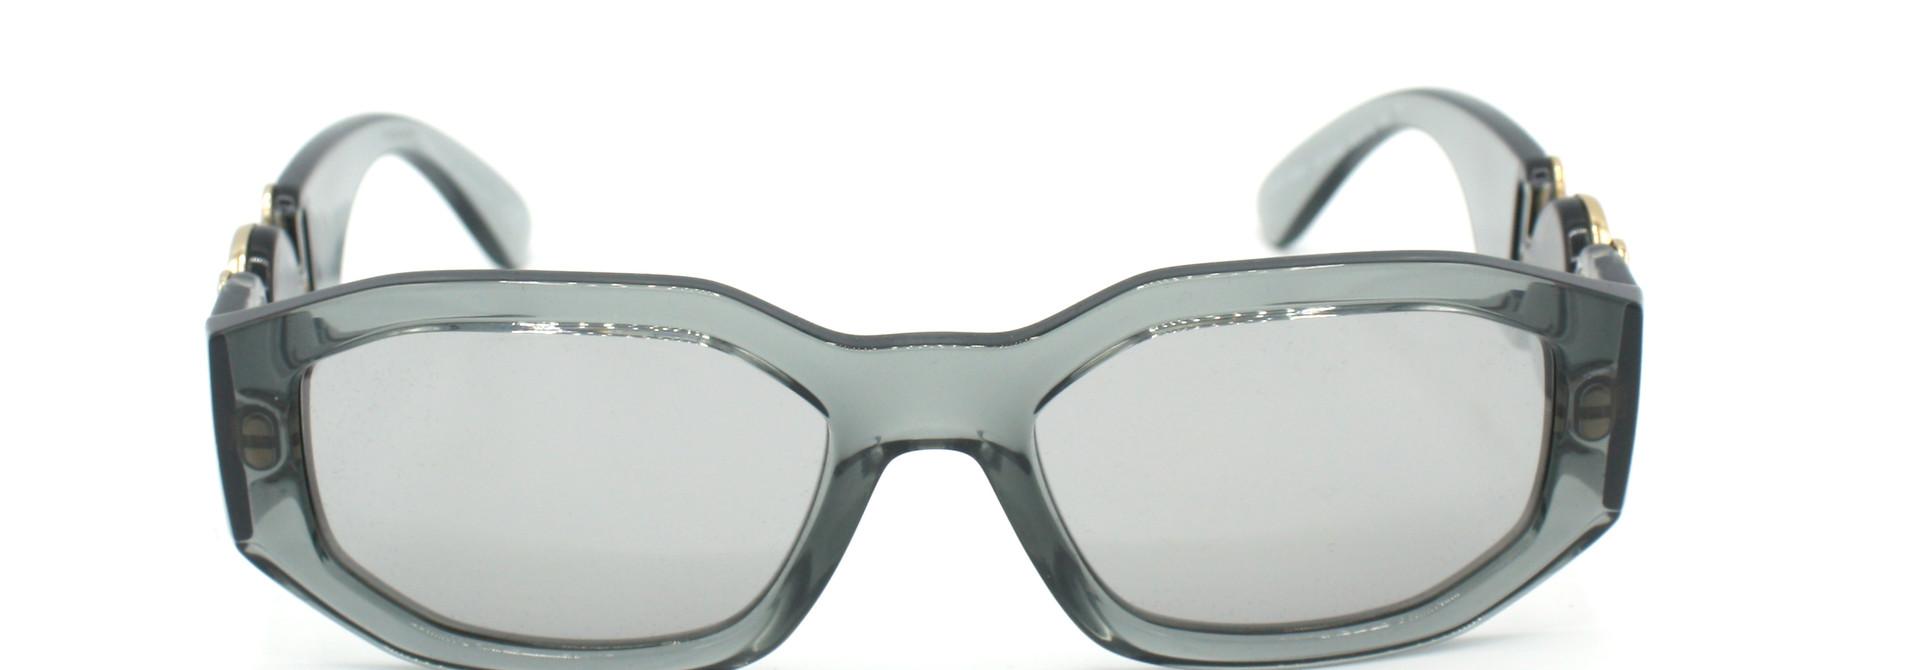 Versace - VE4361 - 311/6G53